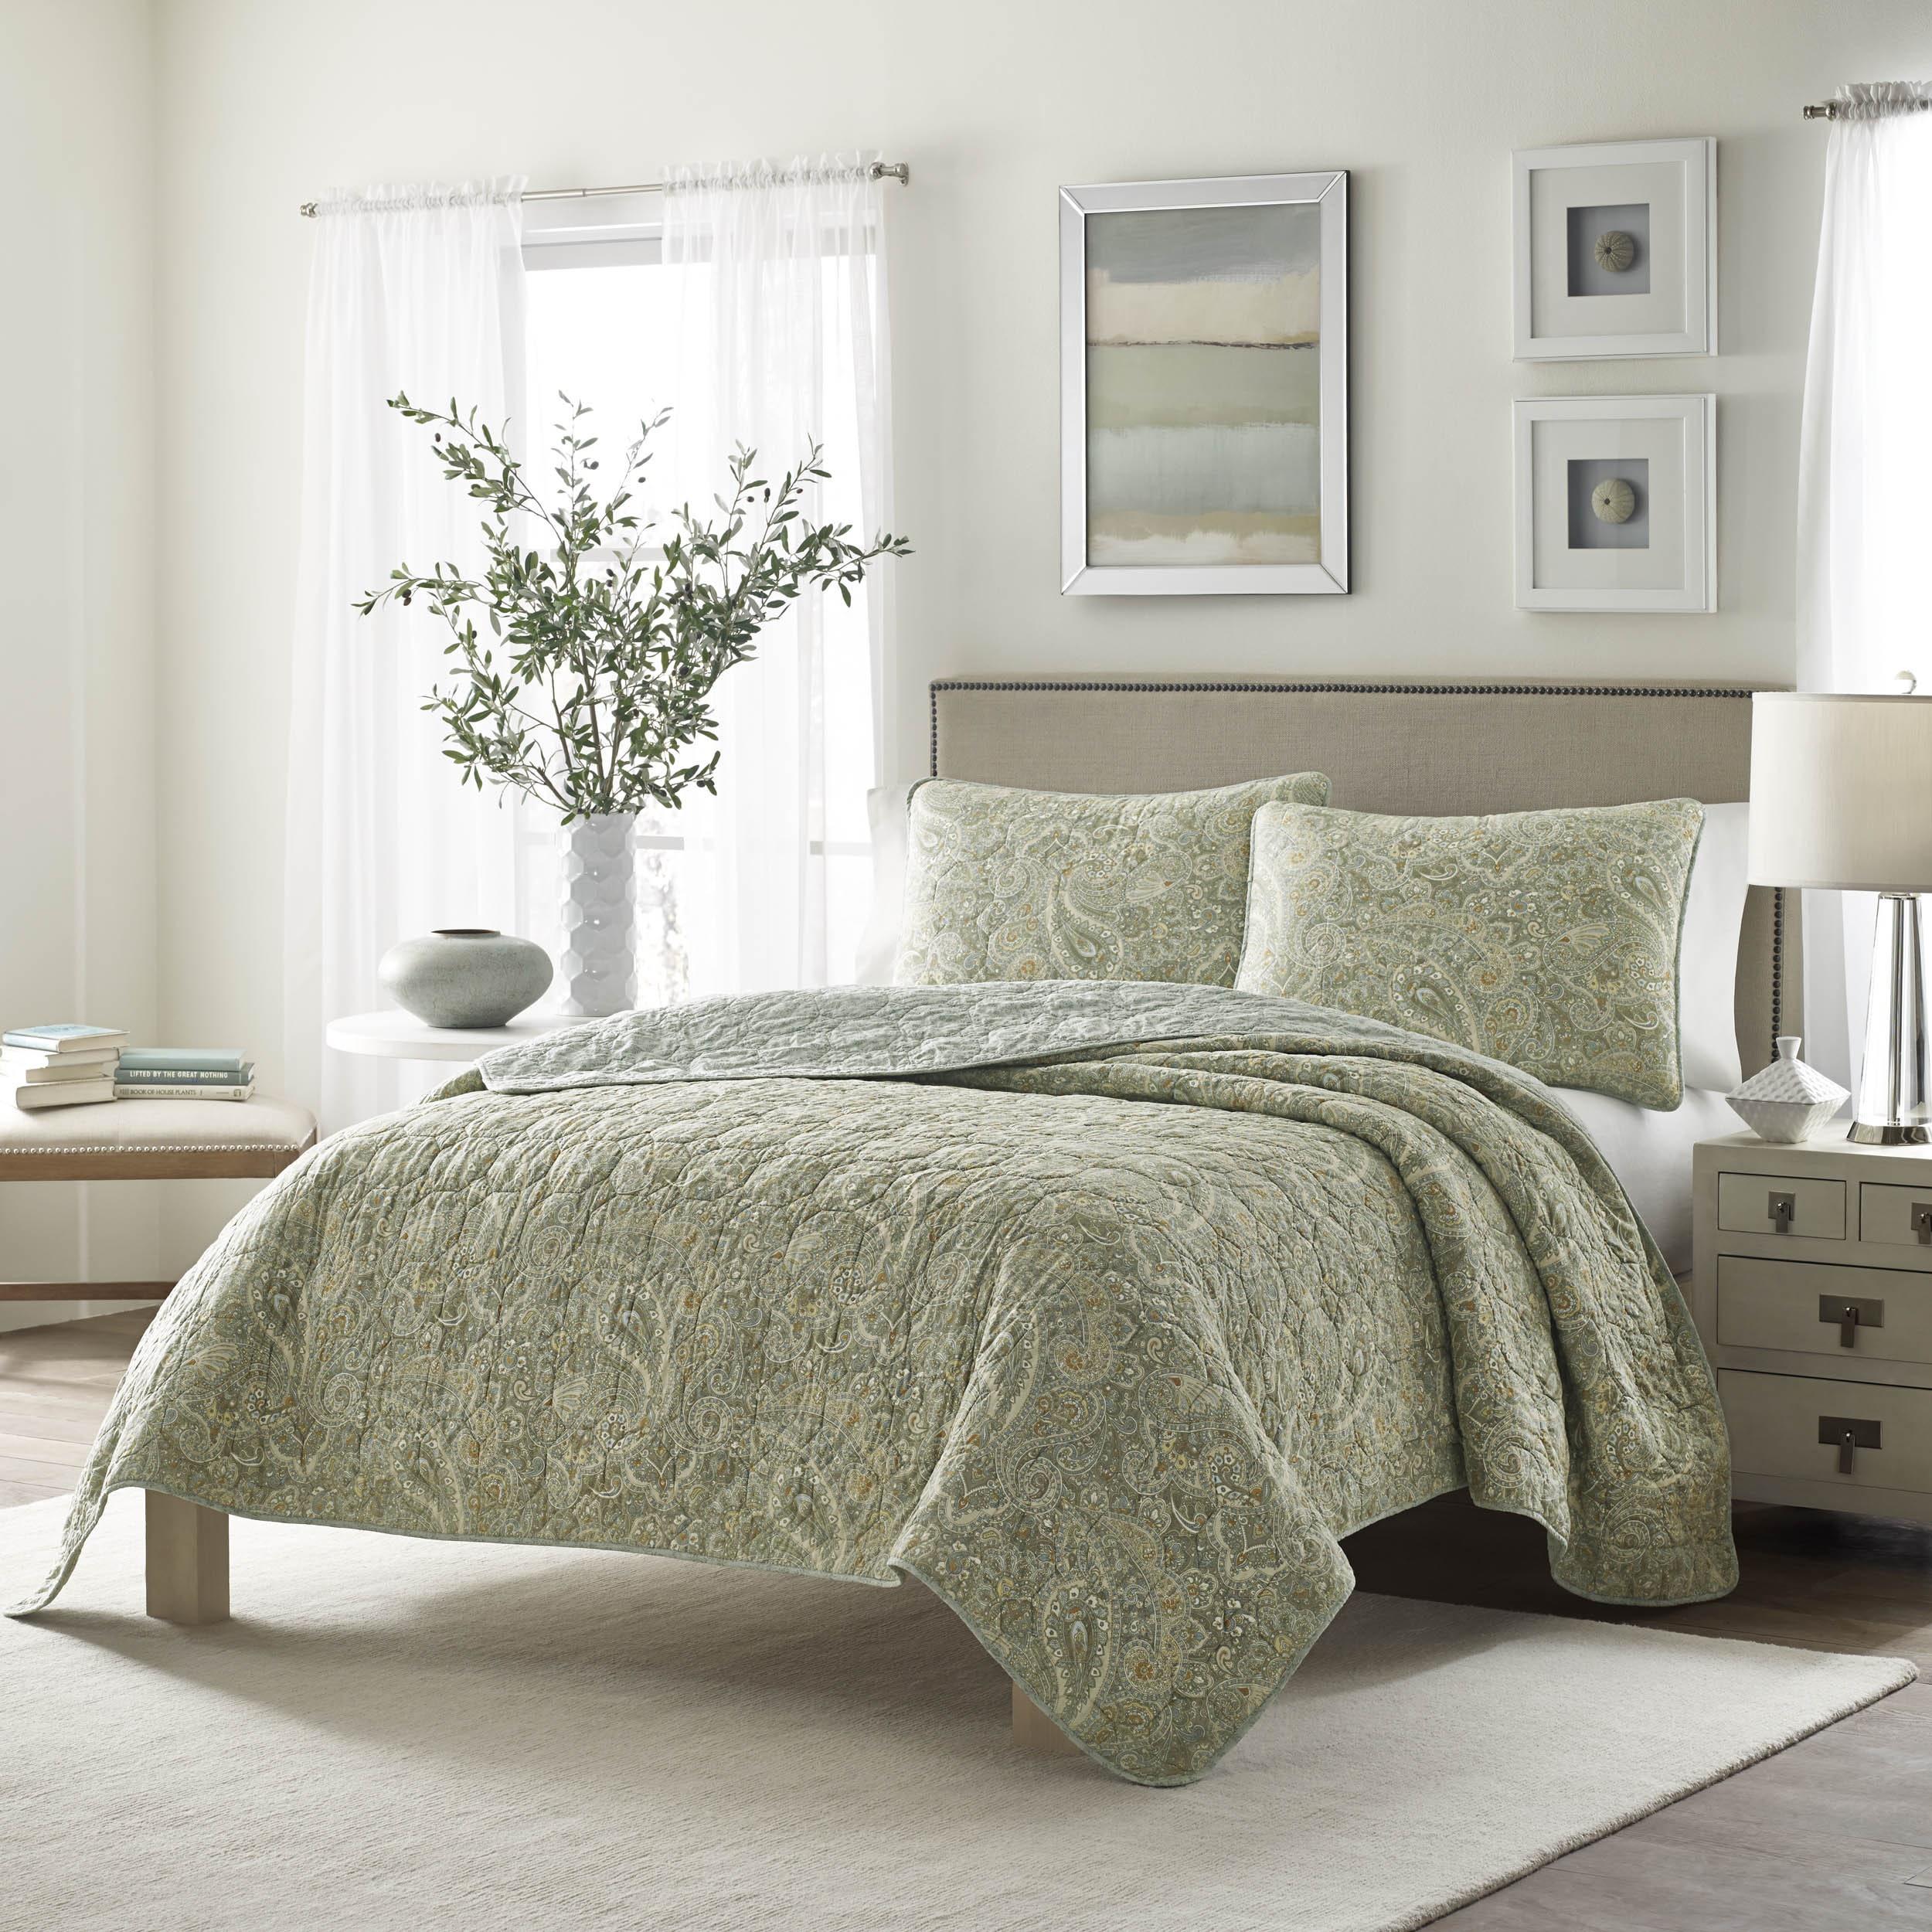 Stone Cottage Emilia Cotton Quilt Set (King), Blue